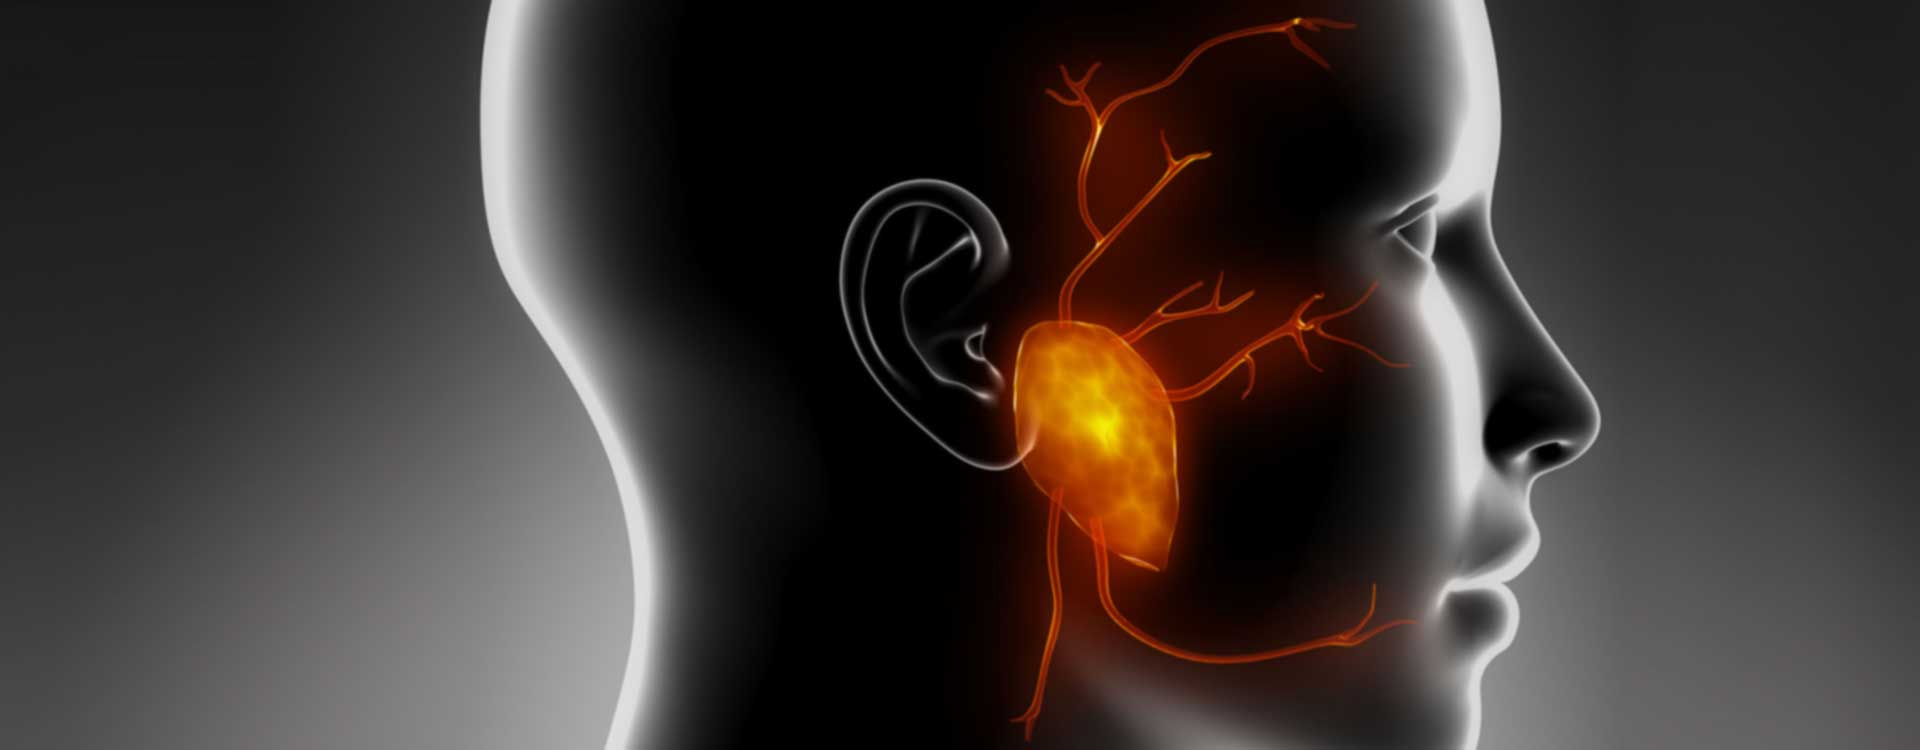 όγκοι παρωτίδας γενικός χειρουργός καφετζής ηλίας δημήτριος αθήνα